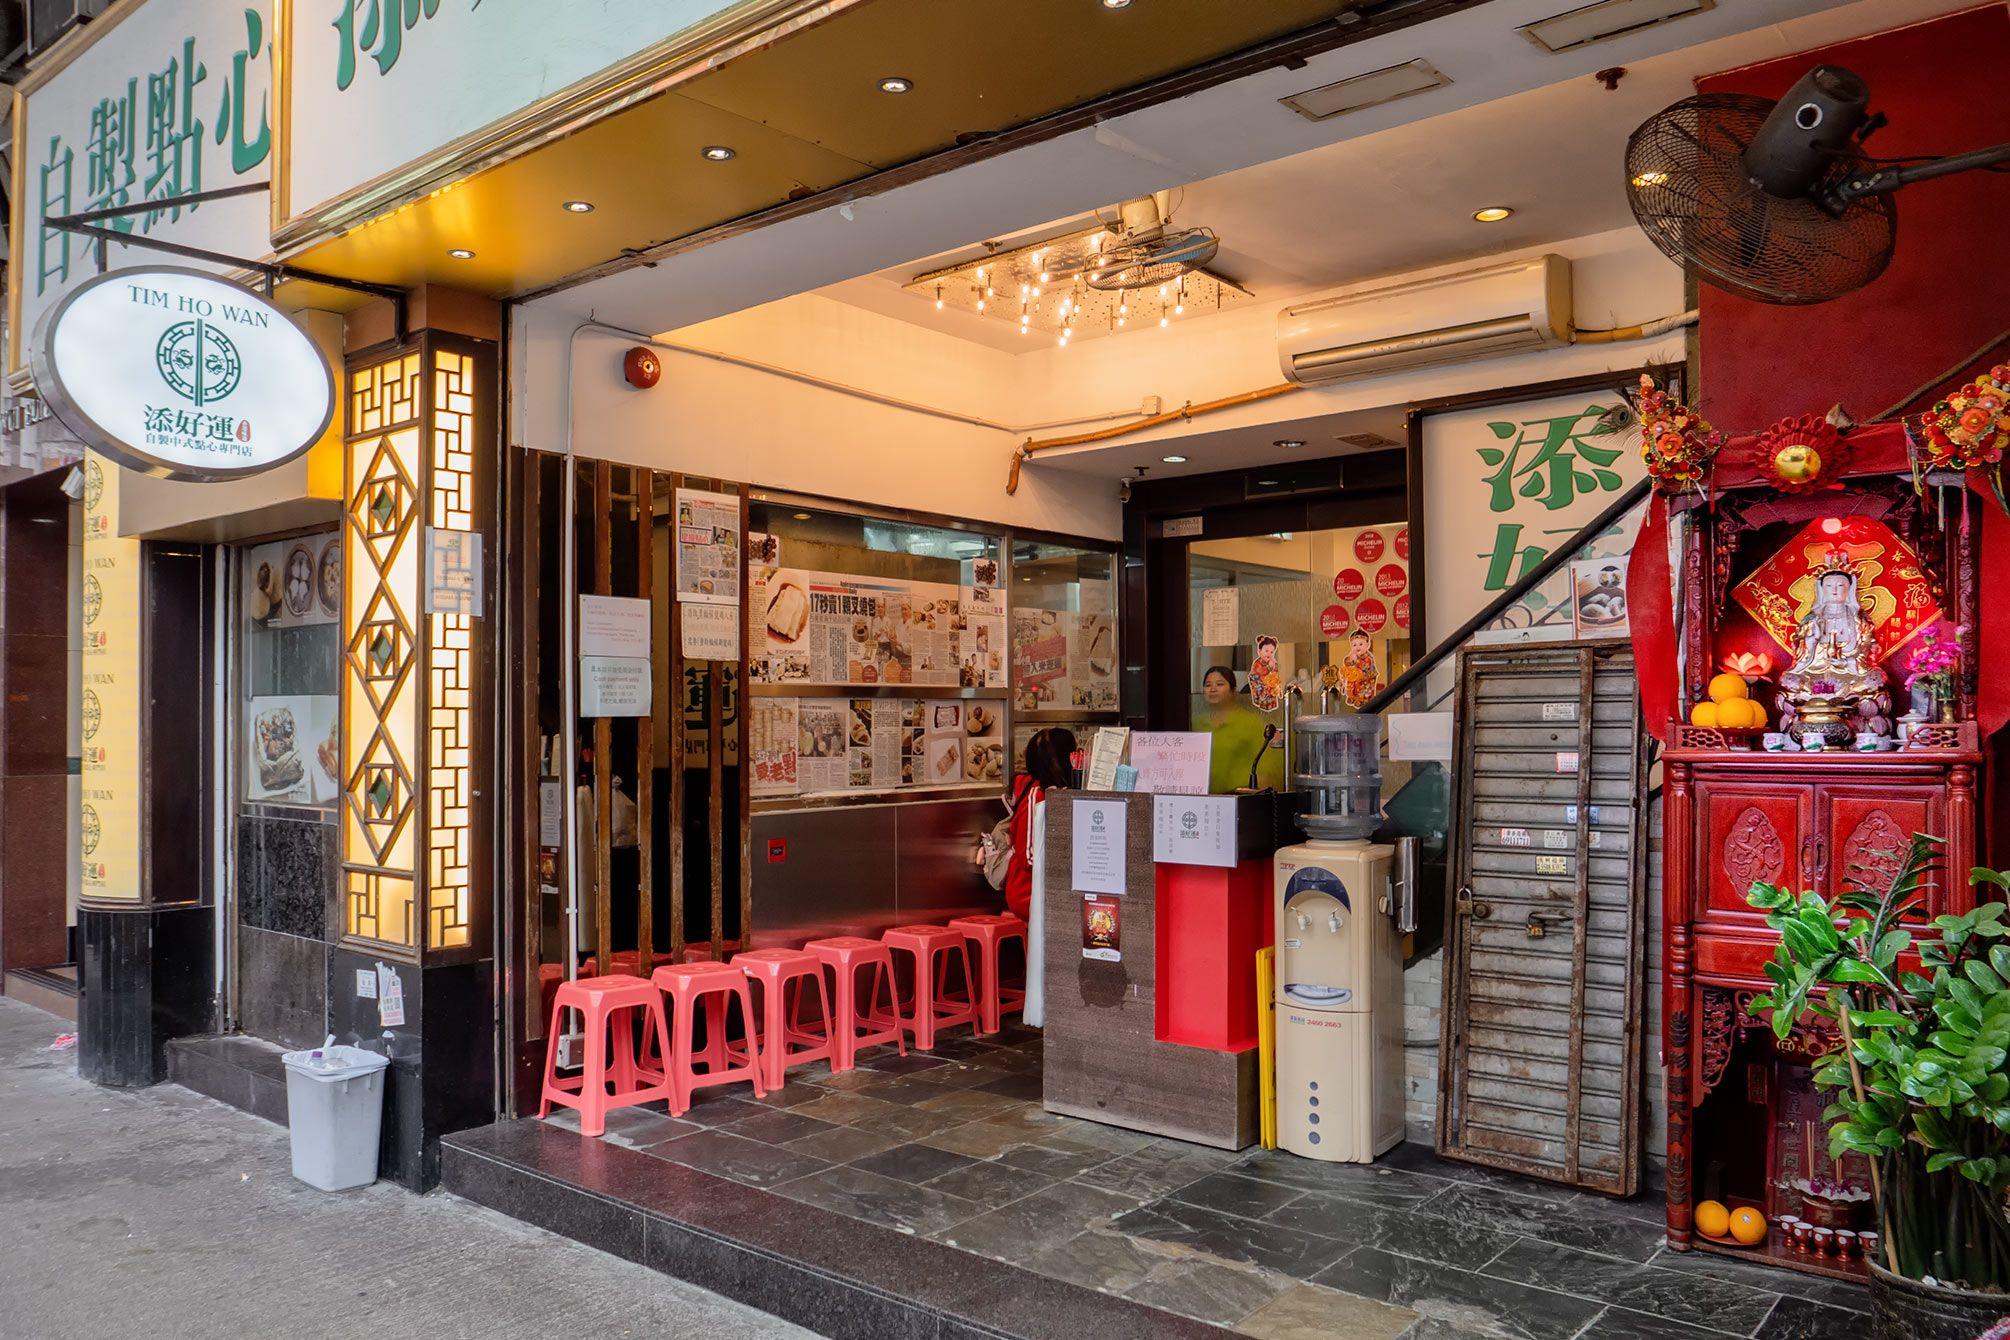 outside tim ho wan restaurant